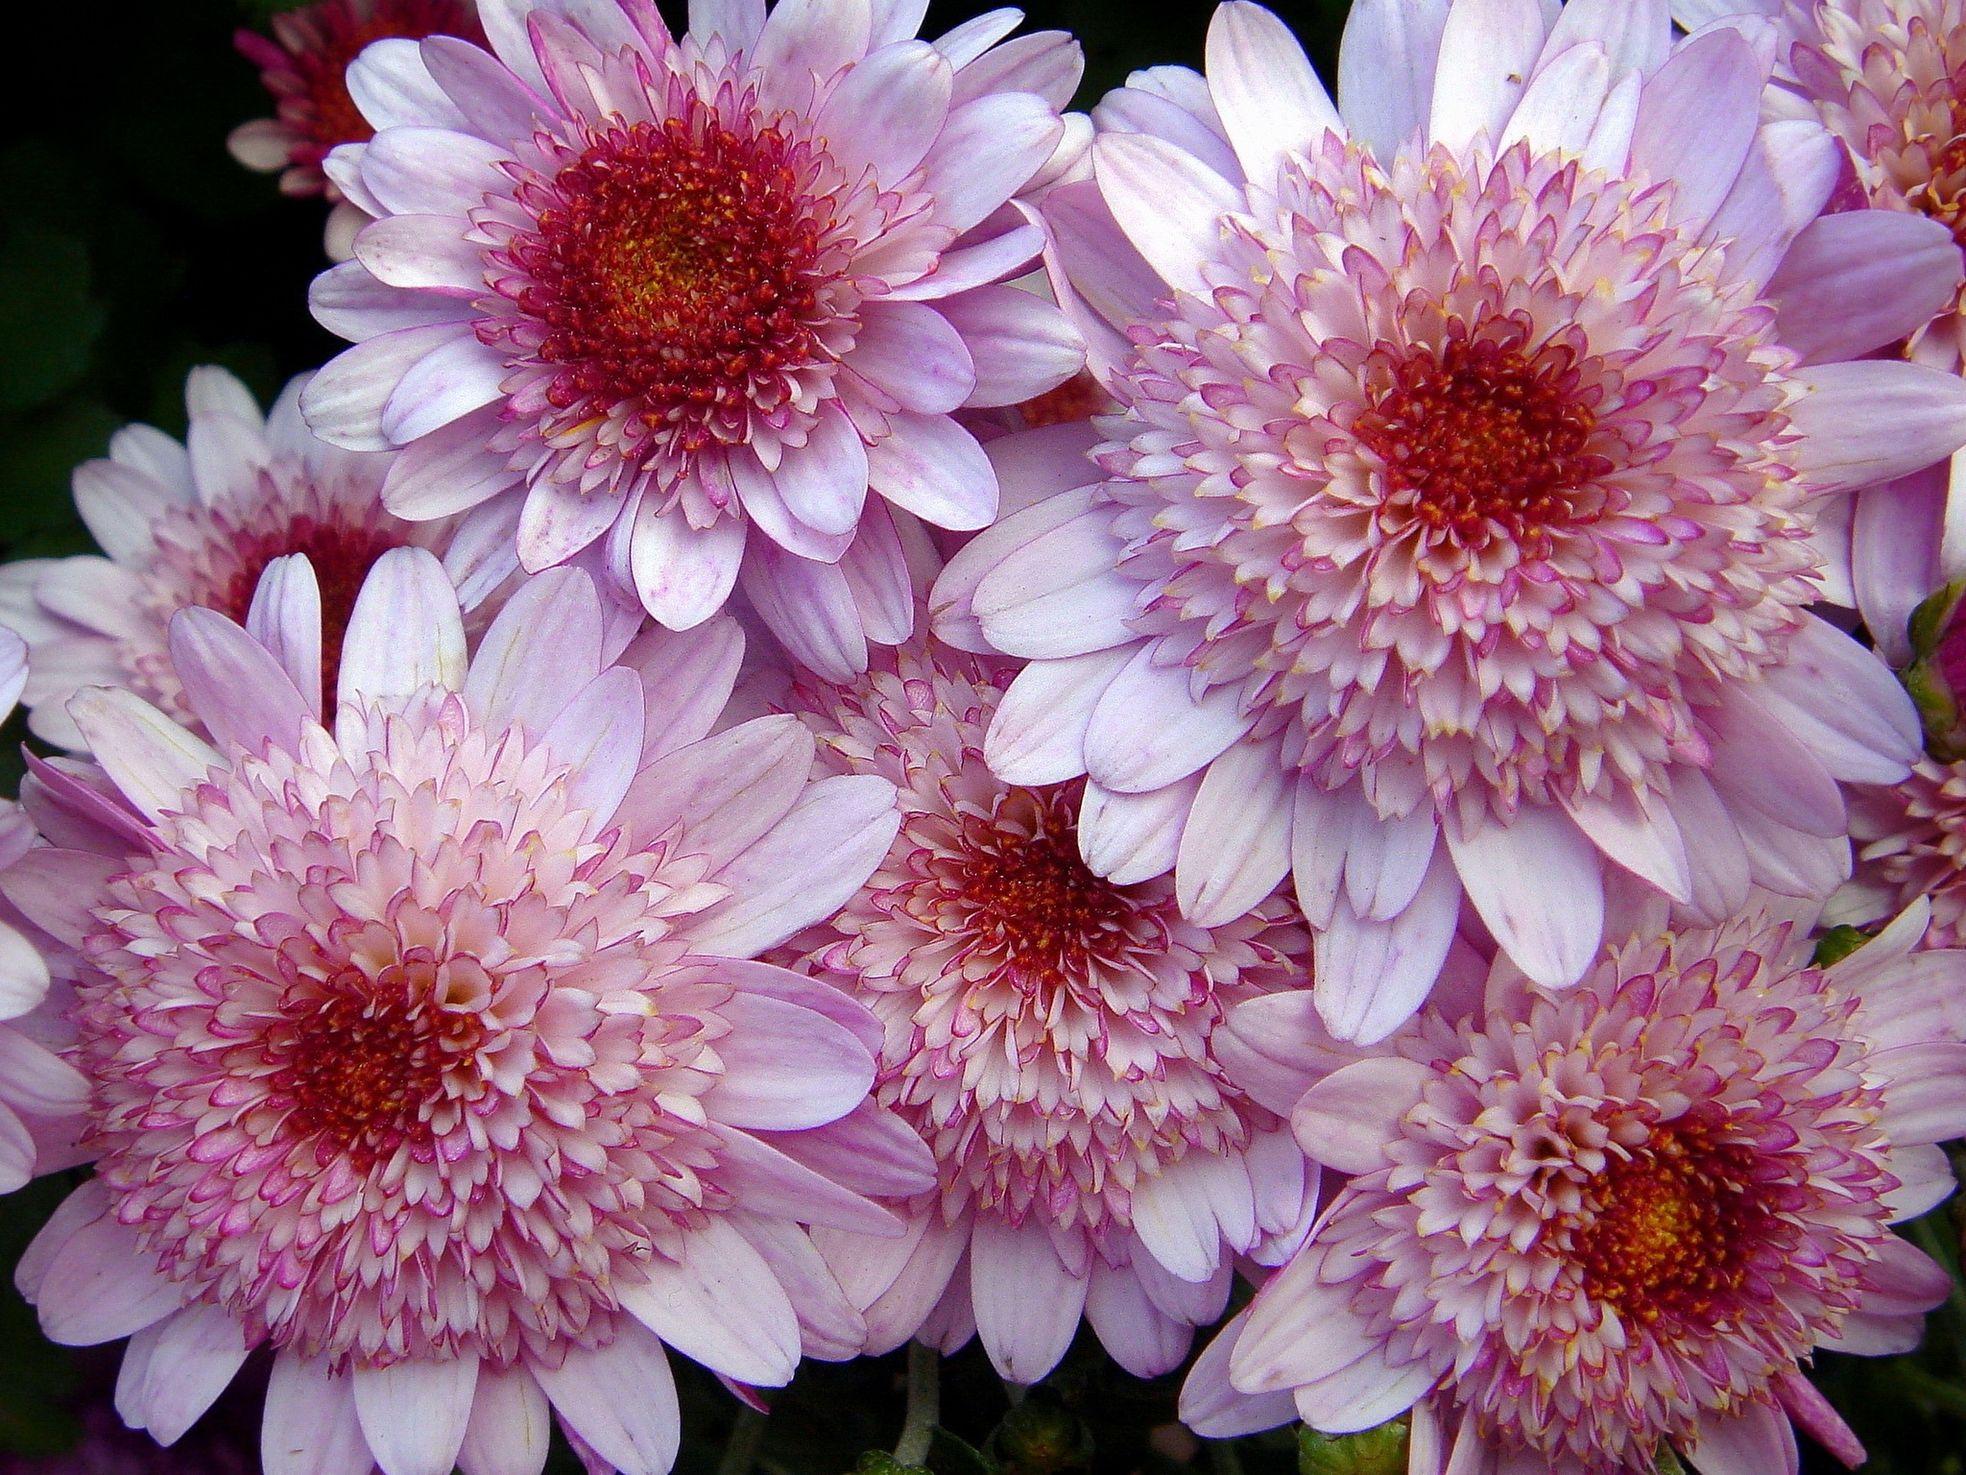 картинки крупные хризантемы одной стороны